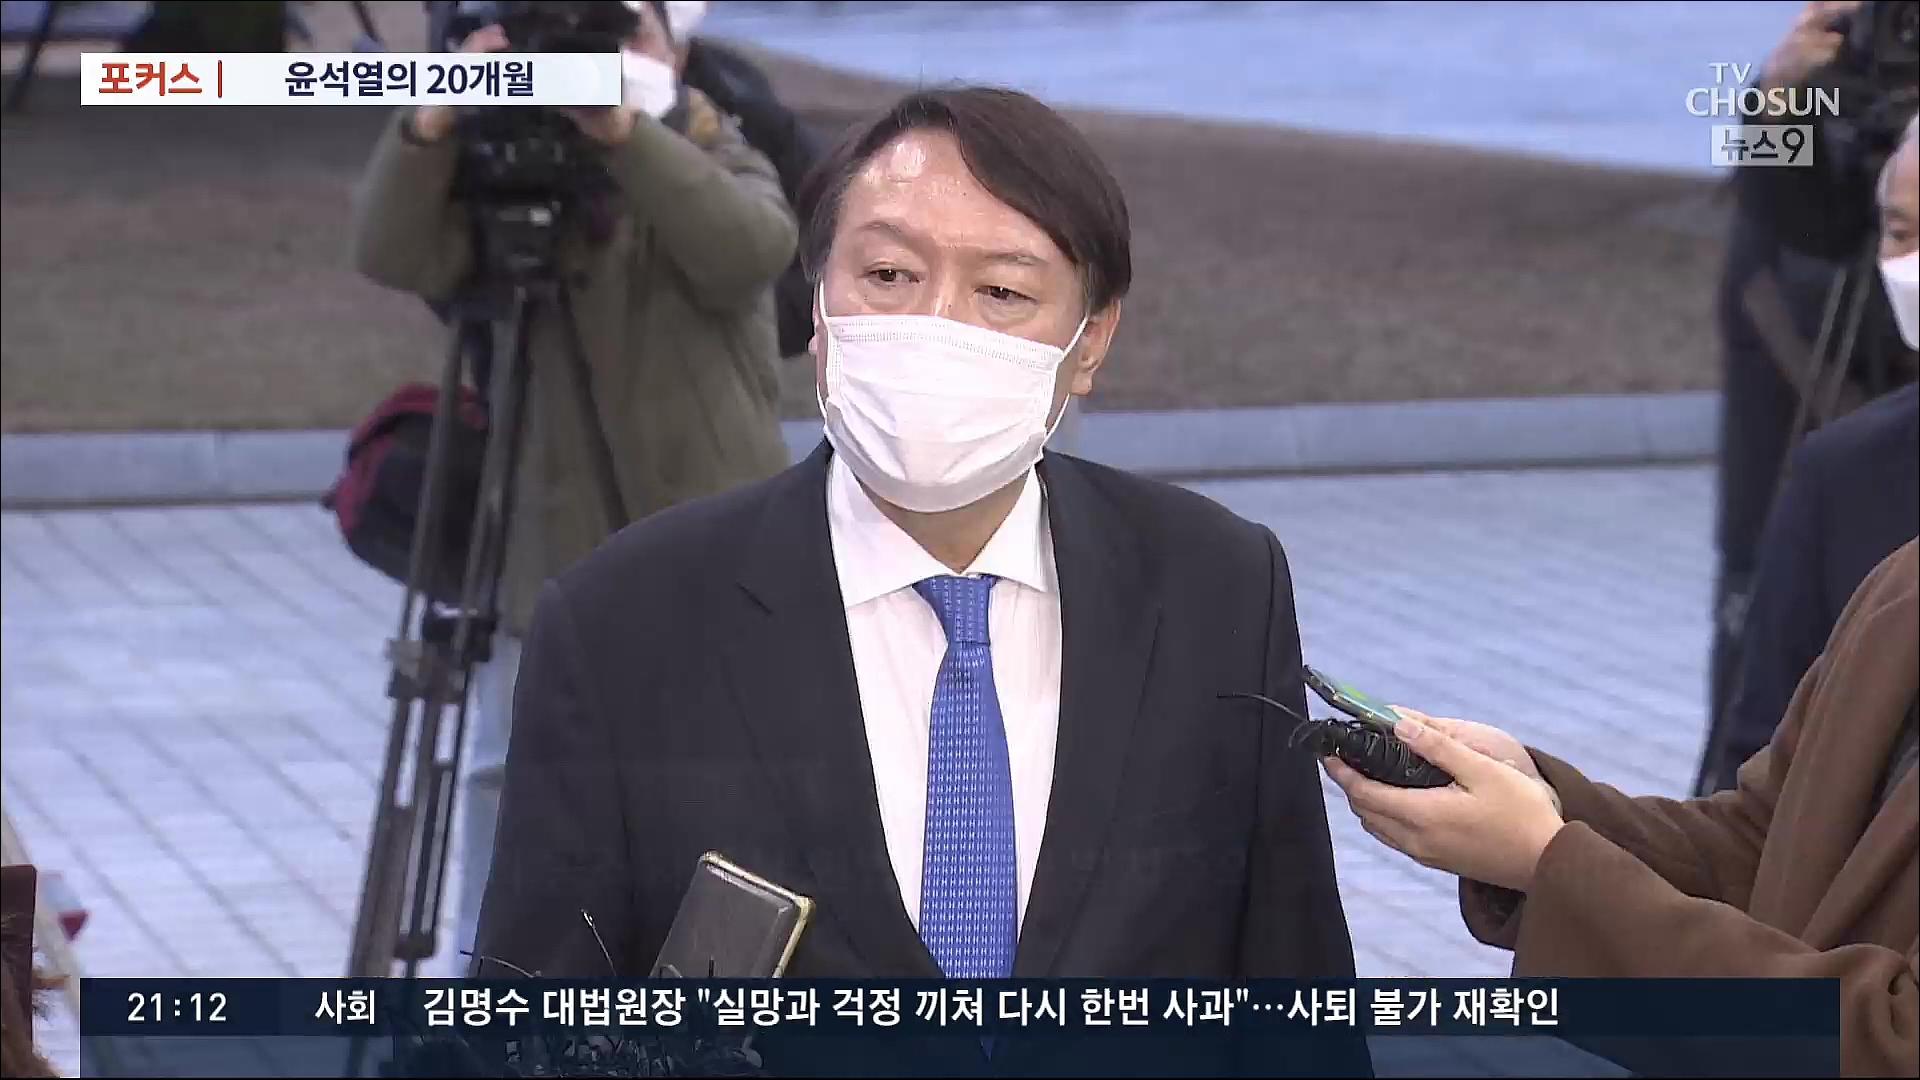 [포커스] '우리 총장님'서 정직까지…尹의 파란만장 20개월